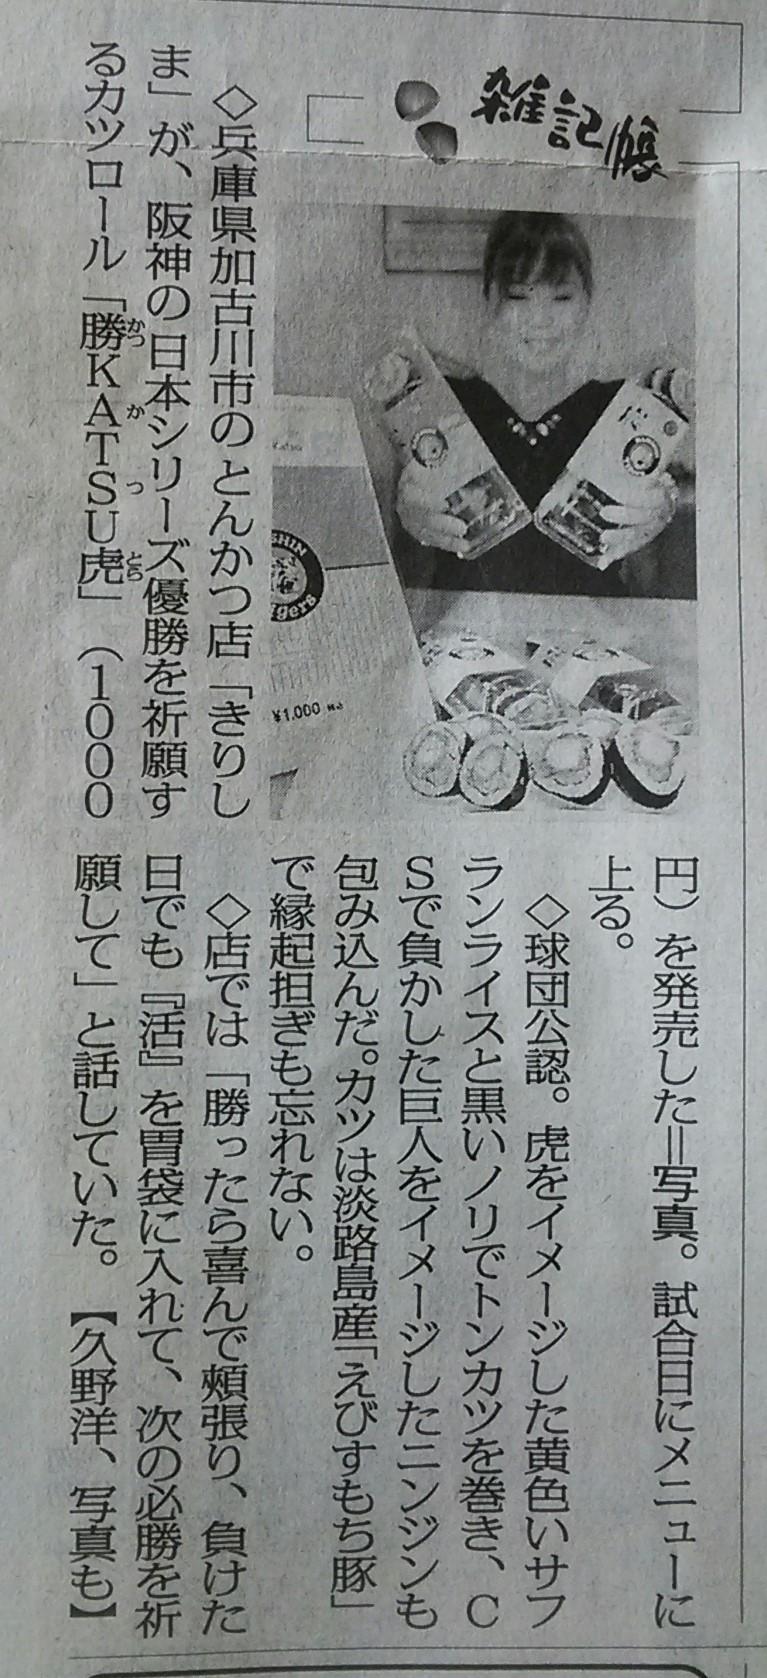 毎日新聞 ~きりしまロール~勝 KATSU 虎  2014/10/27